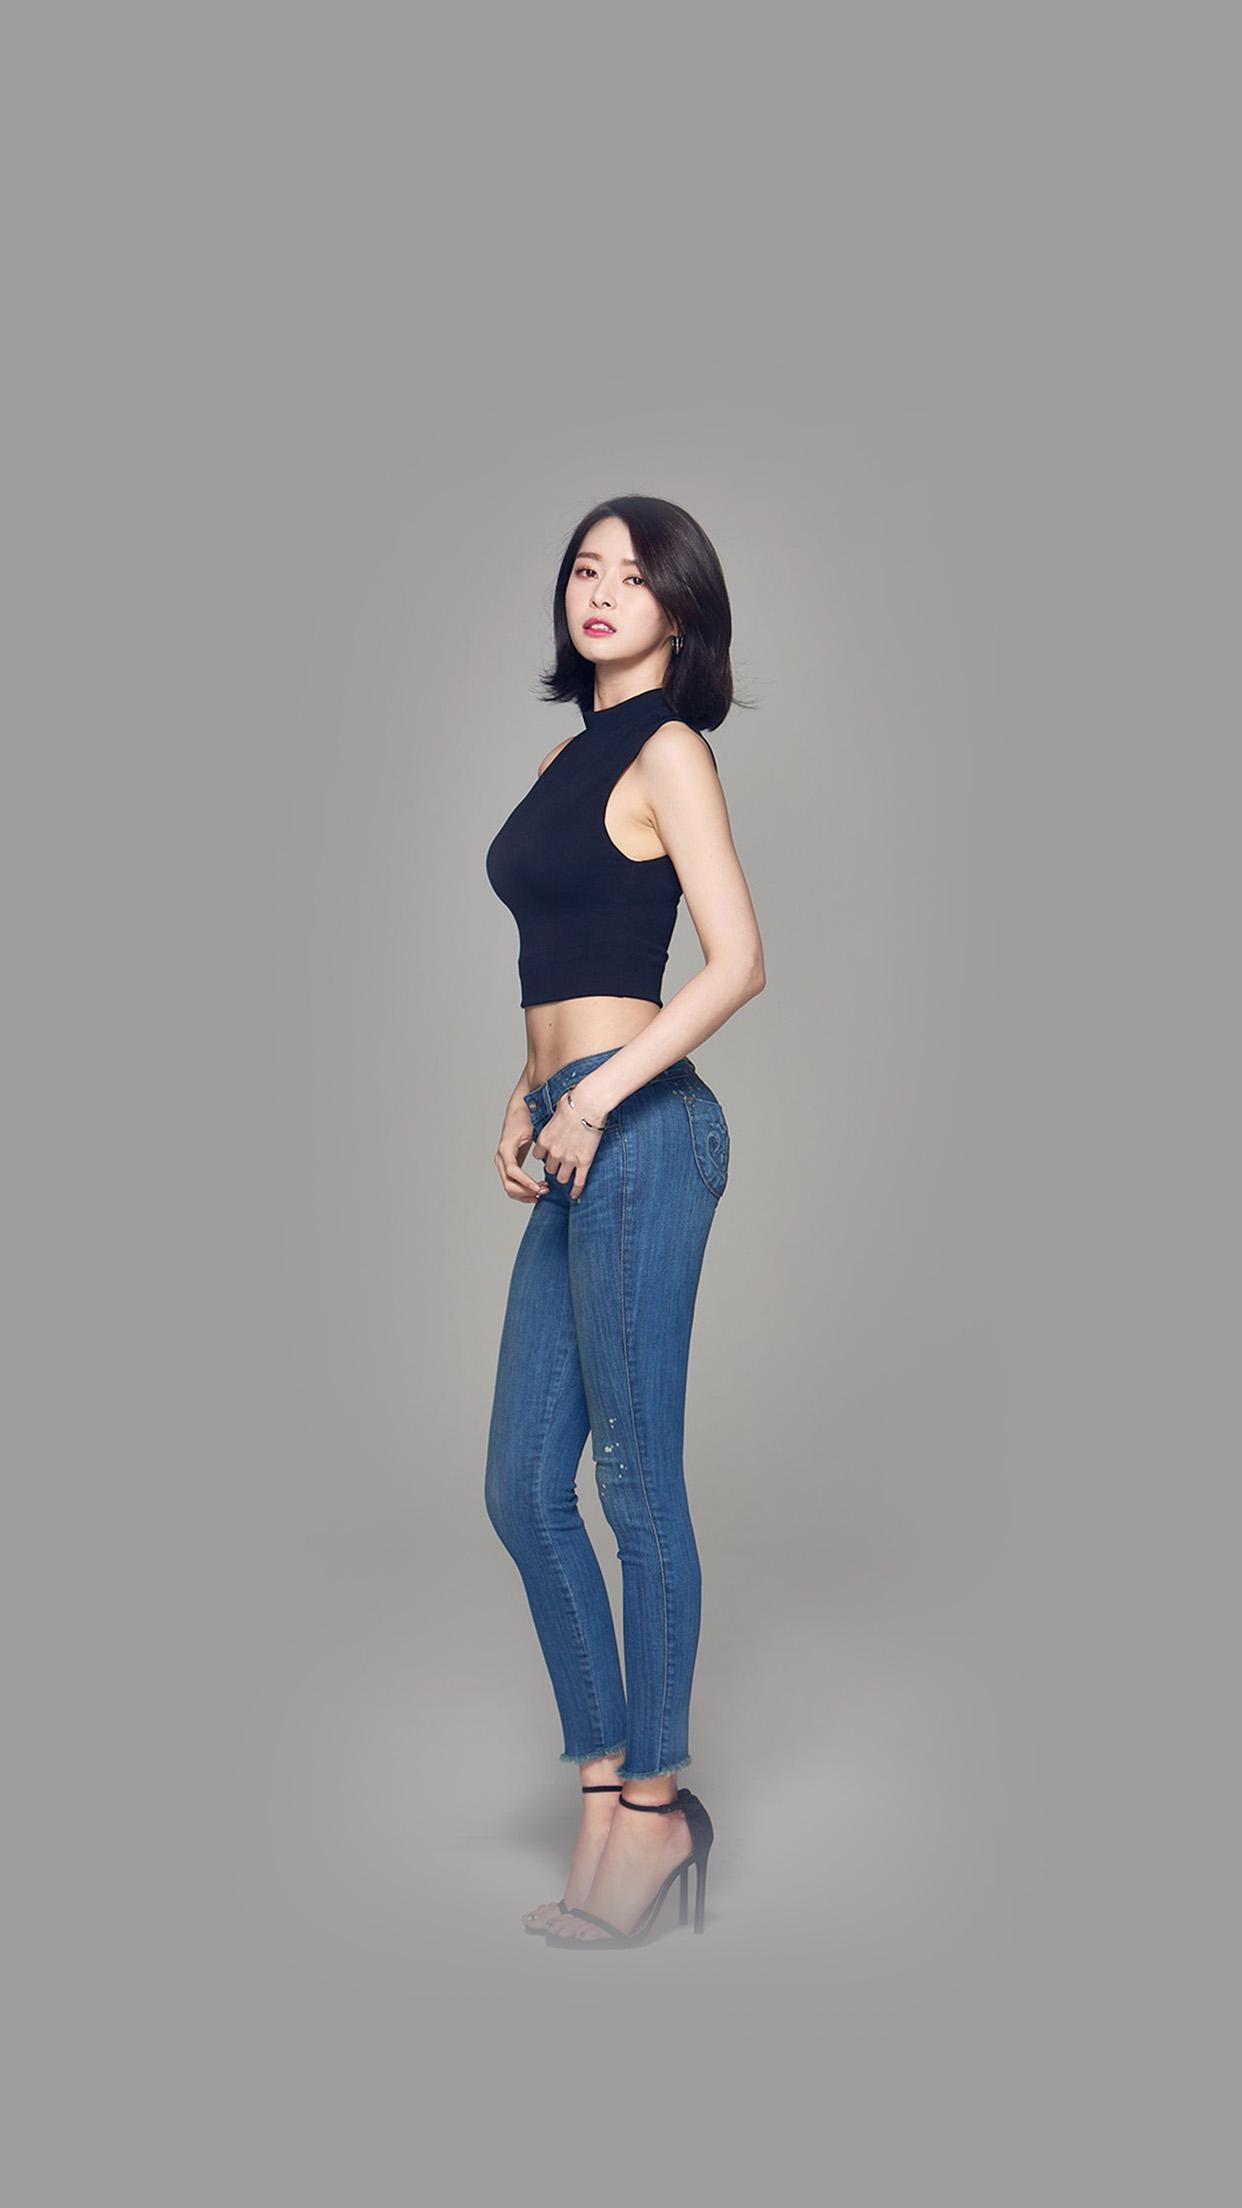 Kpop Girl Kwon Nara Hellovenus Jean Hot Android Wallpaper